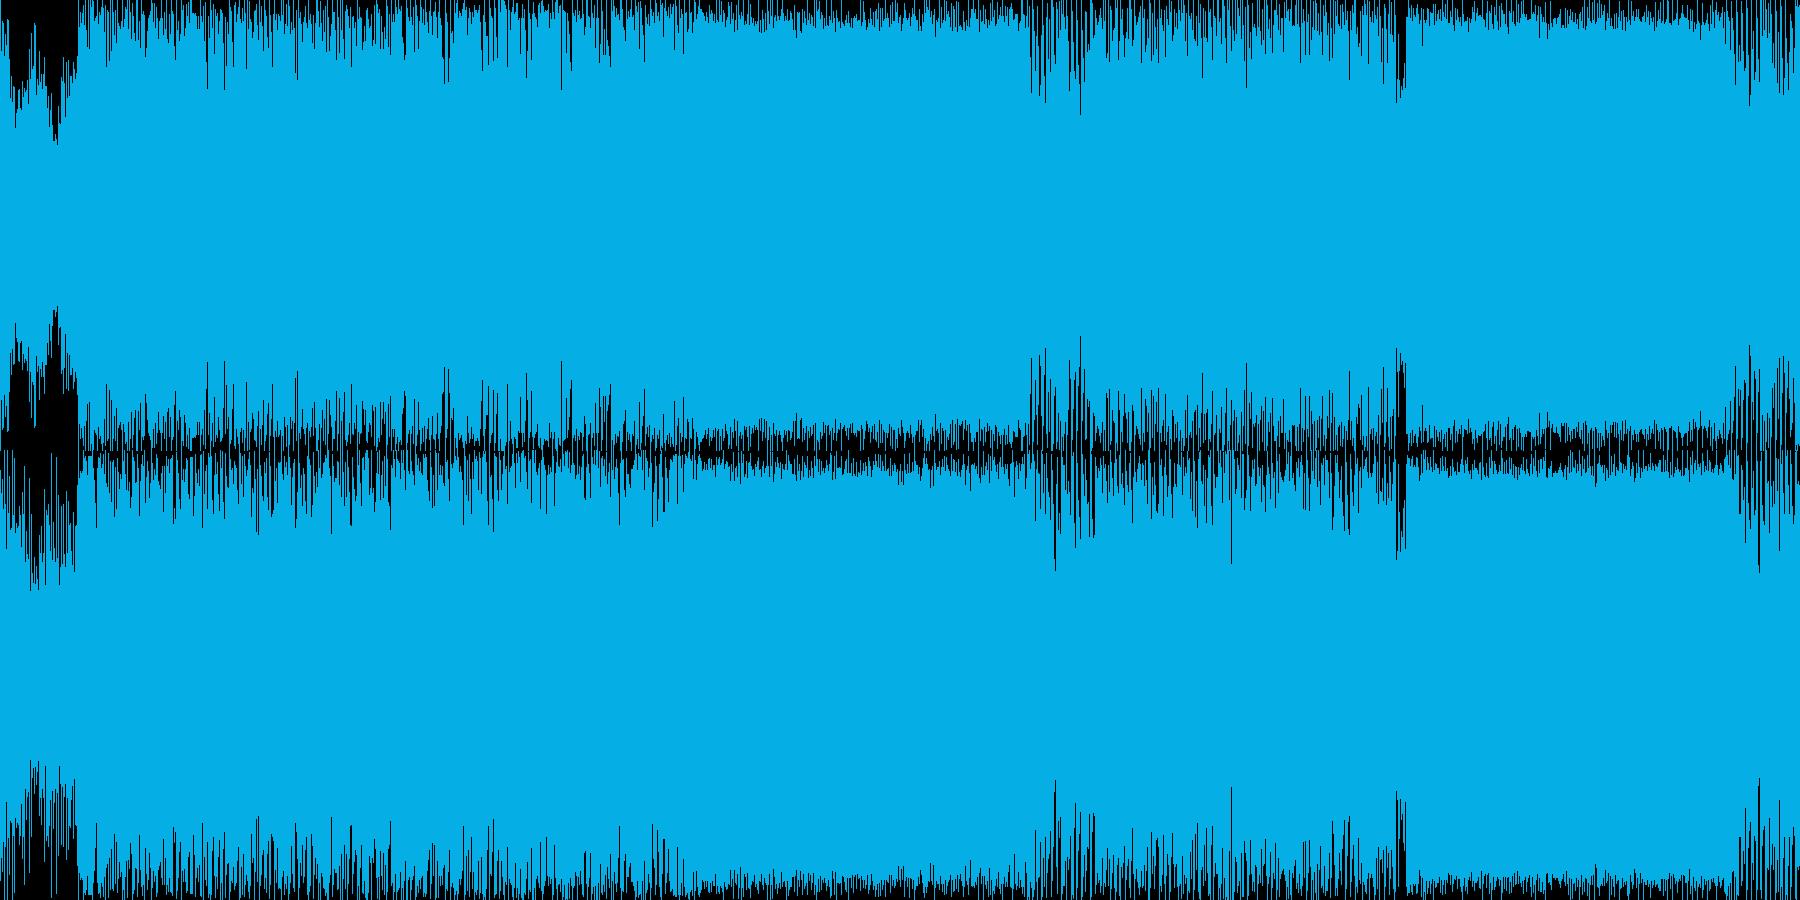 ファンタジーゲームの雪原フィールド曲などの再生済みの波形